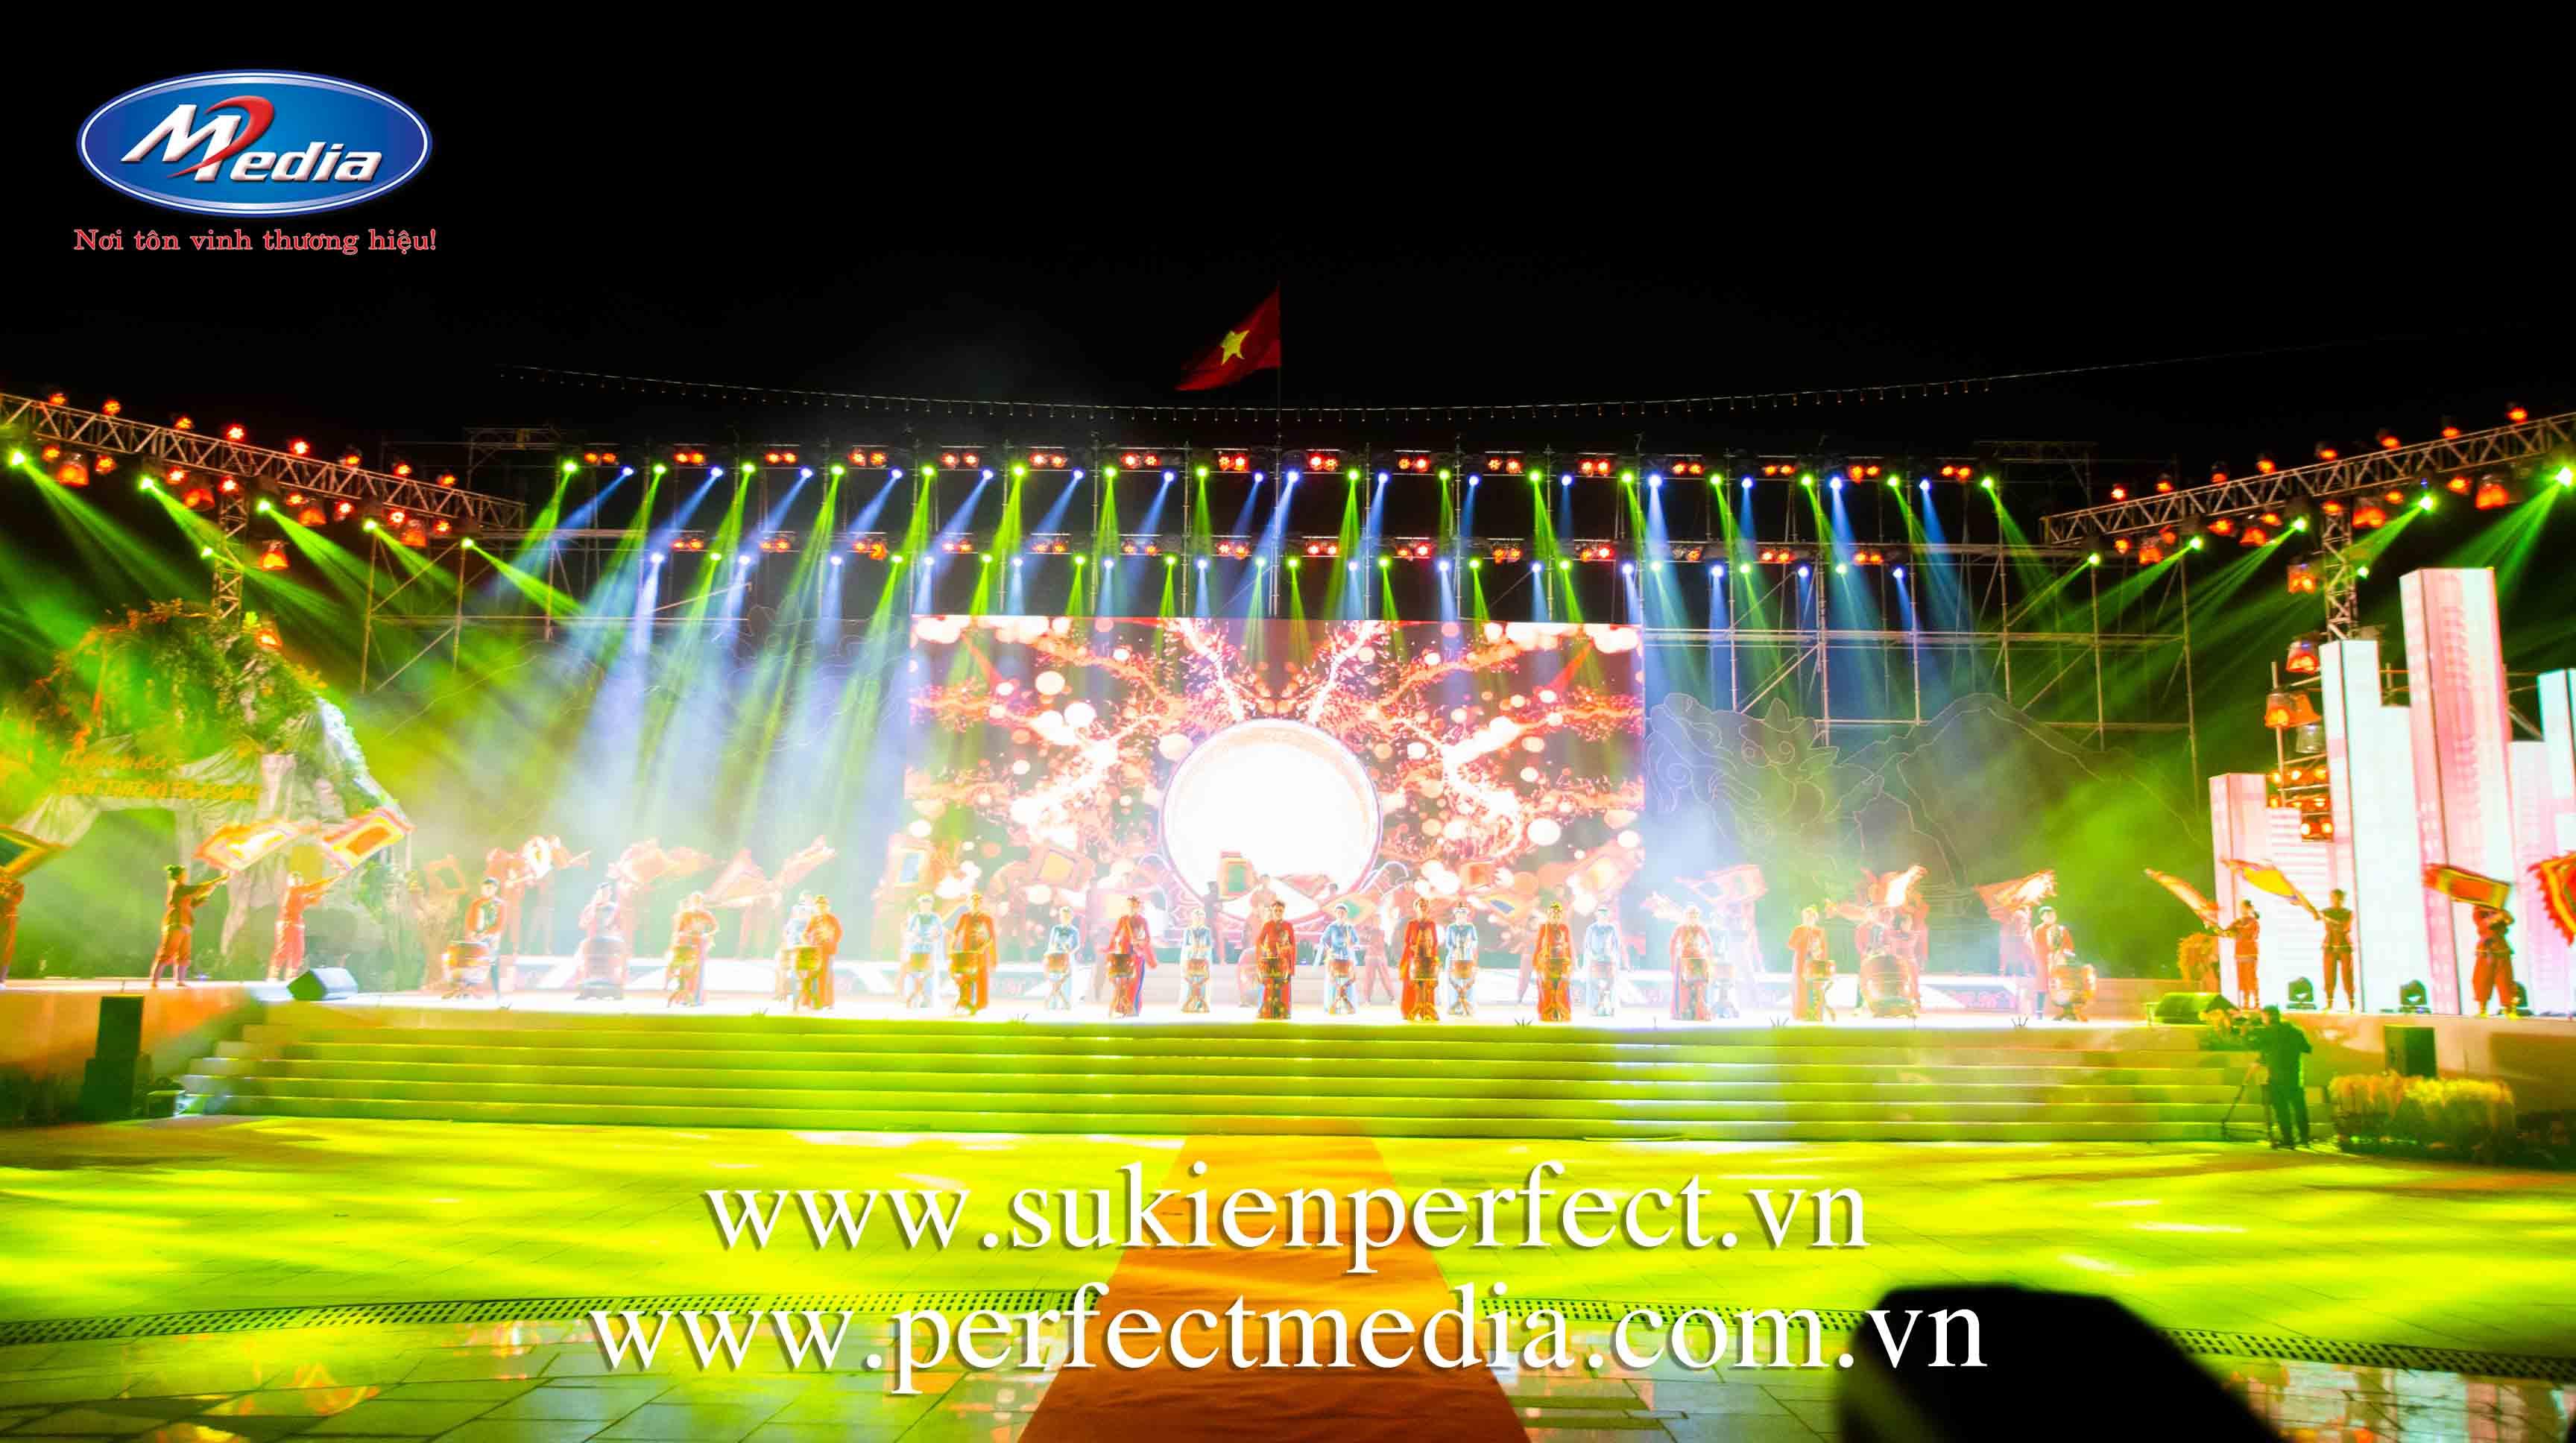 Tổ chức lễ khai trương, khánh thành tại Lạng Sơn, Cao Bằng, Bắc Cạn